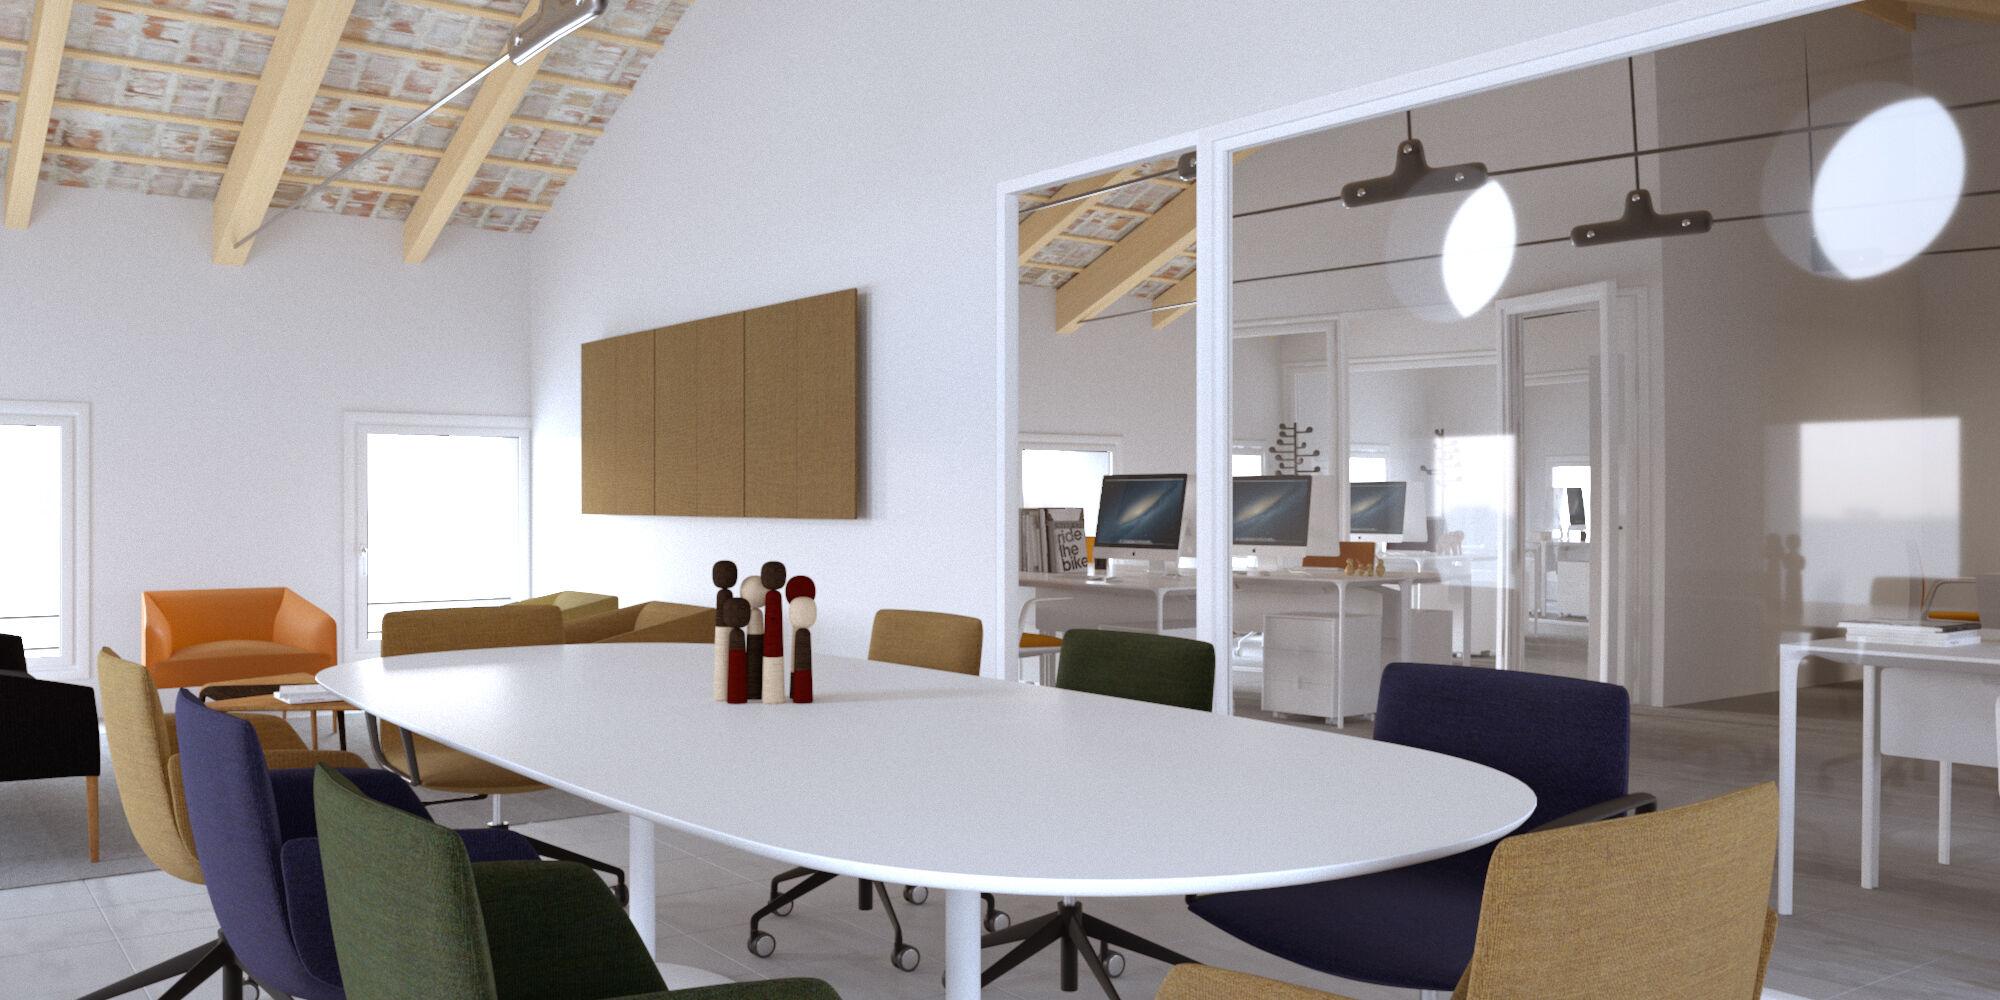 Before_Meeting Room.jpg